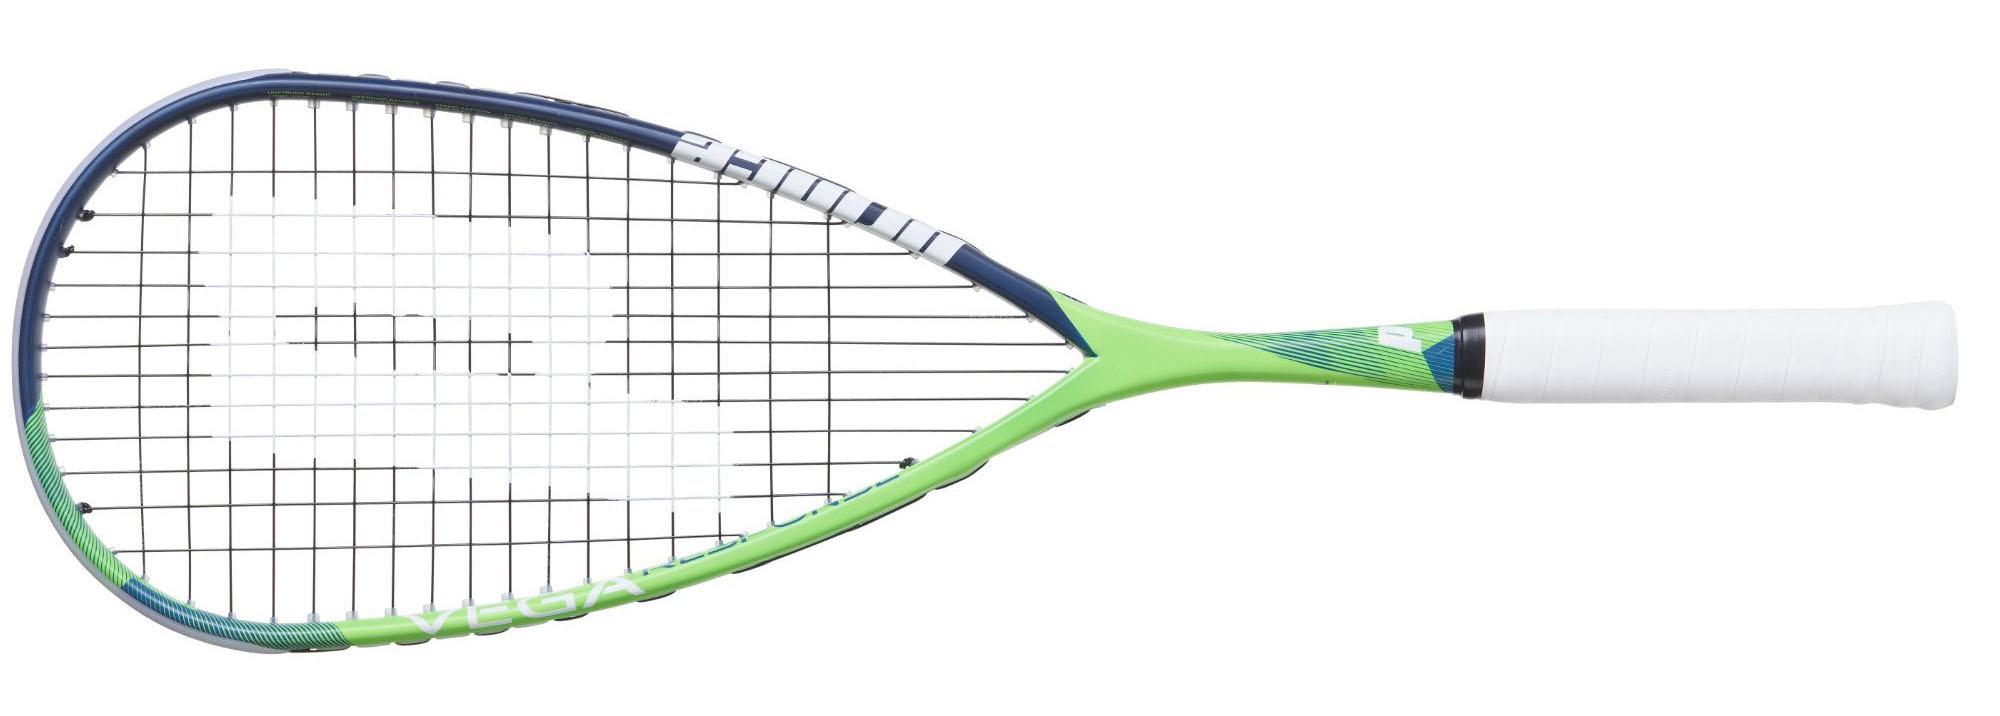 La raquette de squash Prince Vega Response 400 est une arme d'attaquant. Elle n'est pas dans la lignée des autres Prince en terme de géométrie de cadre et surtout d'épaisseur. La rigidité accrue apporte précision, puis compensée par un plan de cordage à 12 cordes, la frappe est très agréable. Les très gros frappeurs seront à leur aise mais ne devront pas placer un cordage trop fin. La raquette de squash Prince Vega Response 400 est en plus au couleur de la marque !